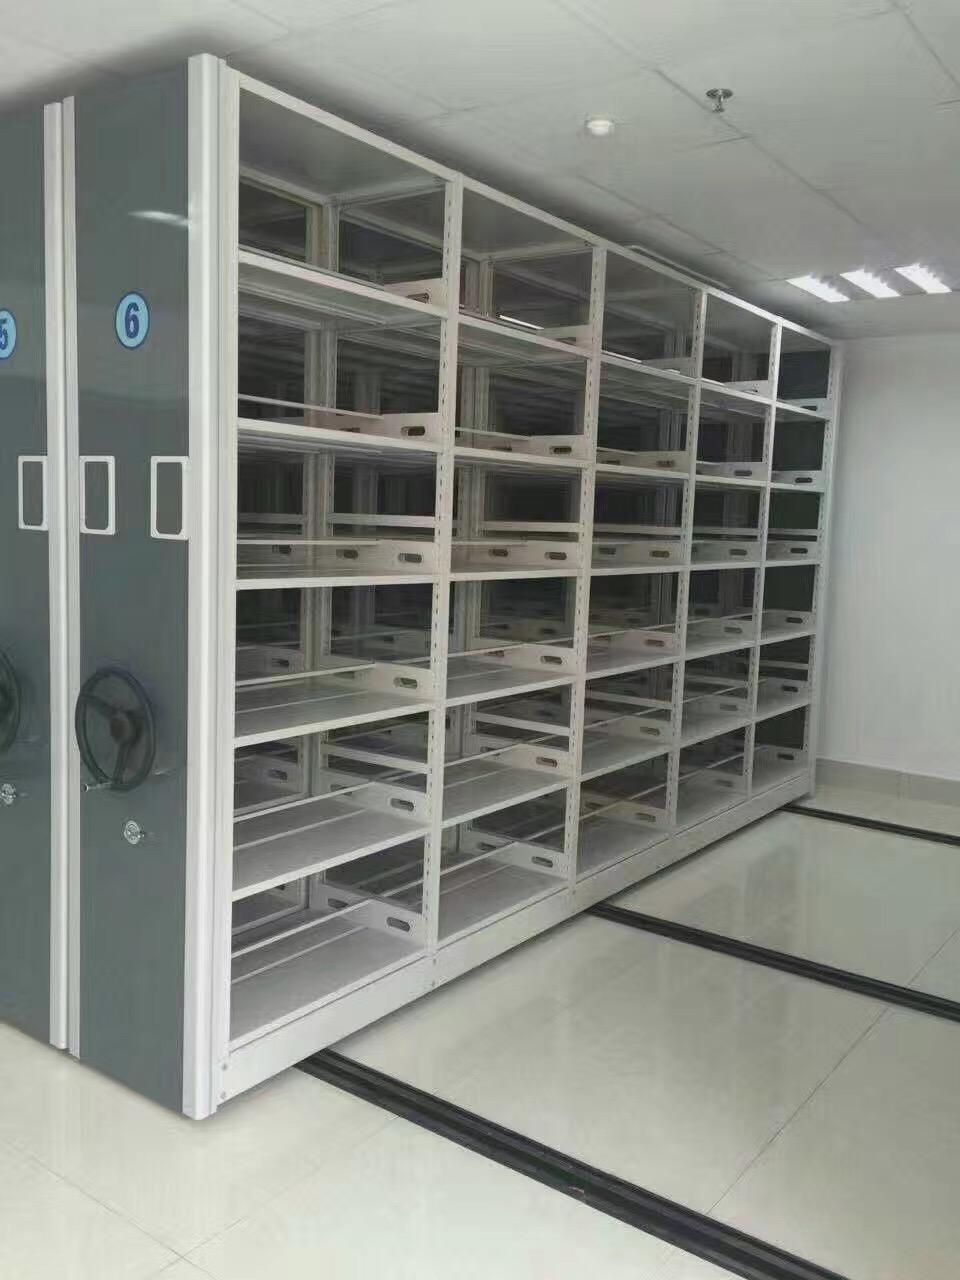 资讯:临沂市电动密集柜电动密集柜